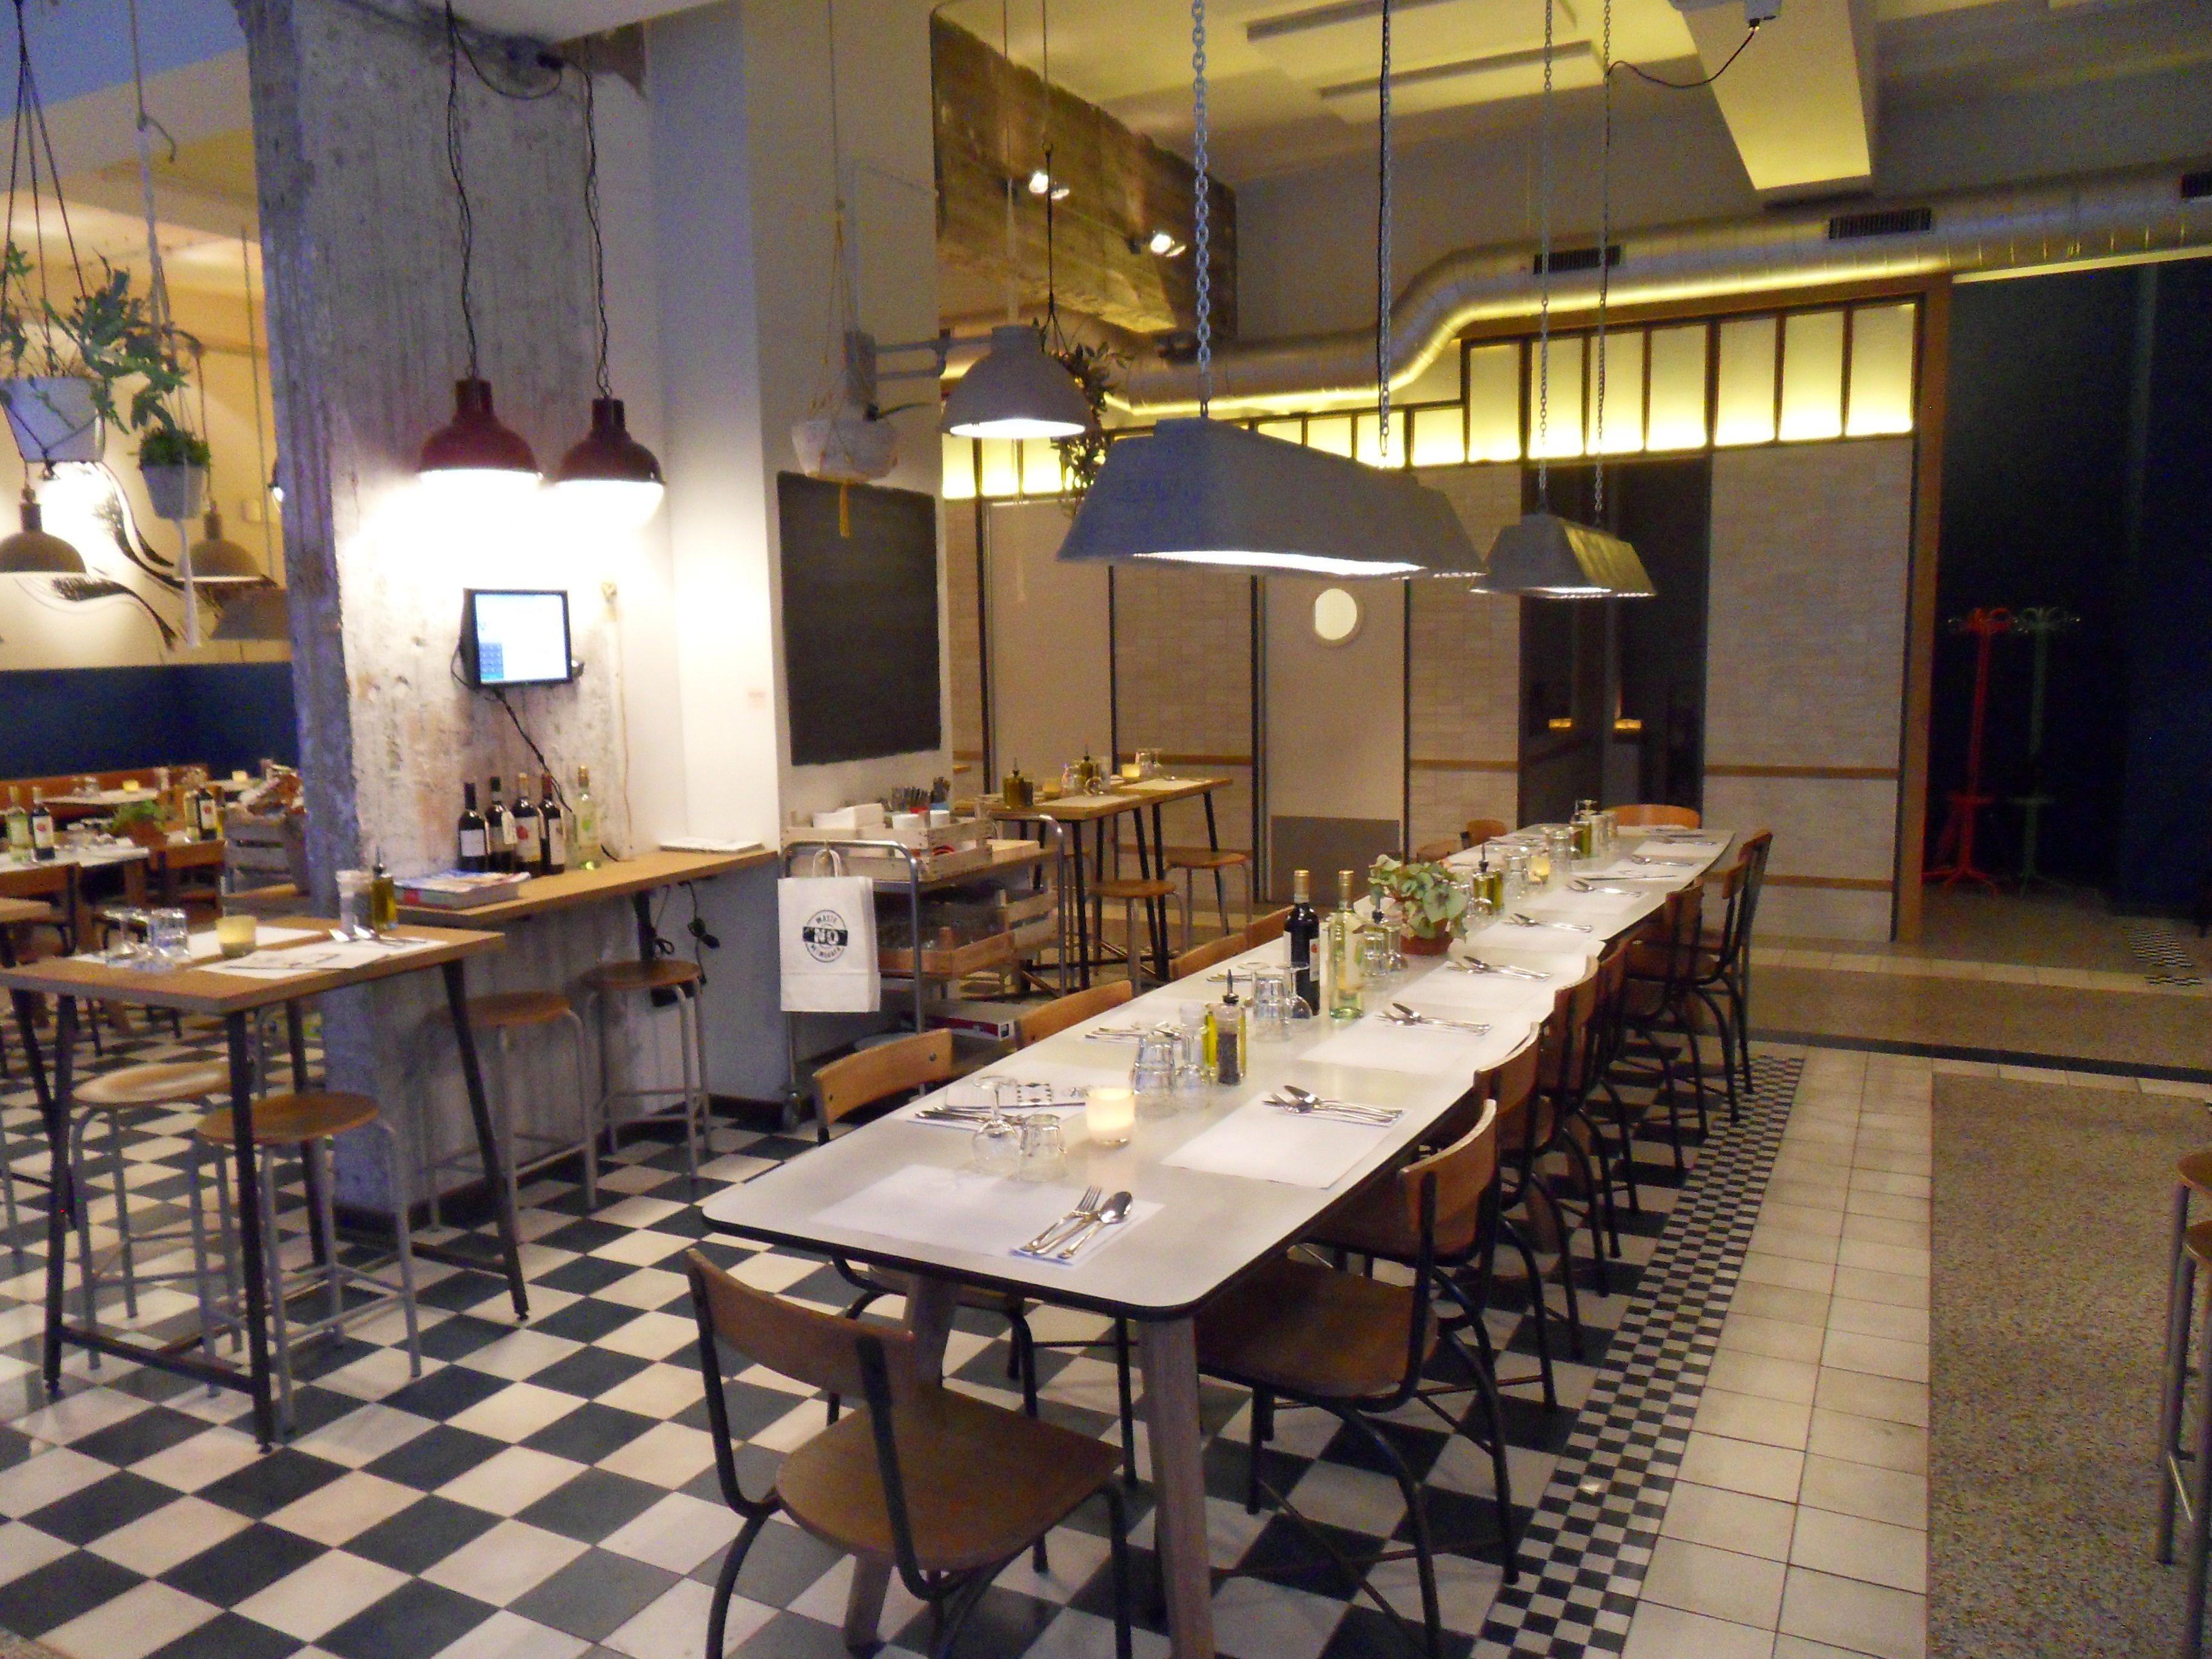 Prima eten bij de pasta kantine kleine rotterdammer - Interieur binnenkomst ...